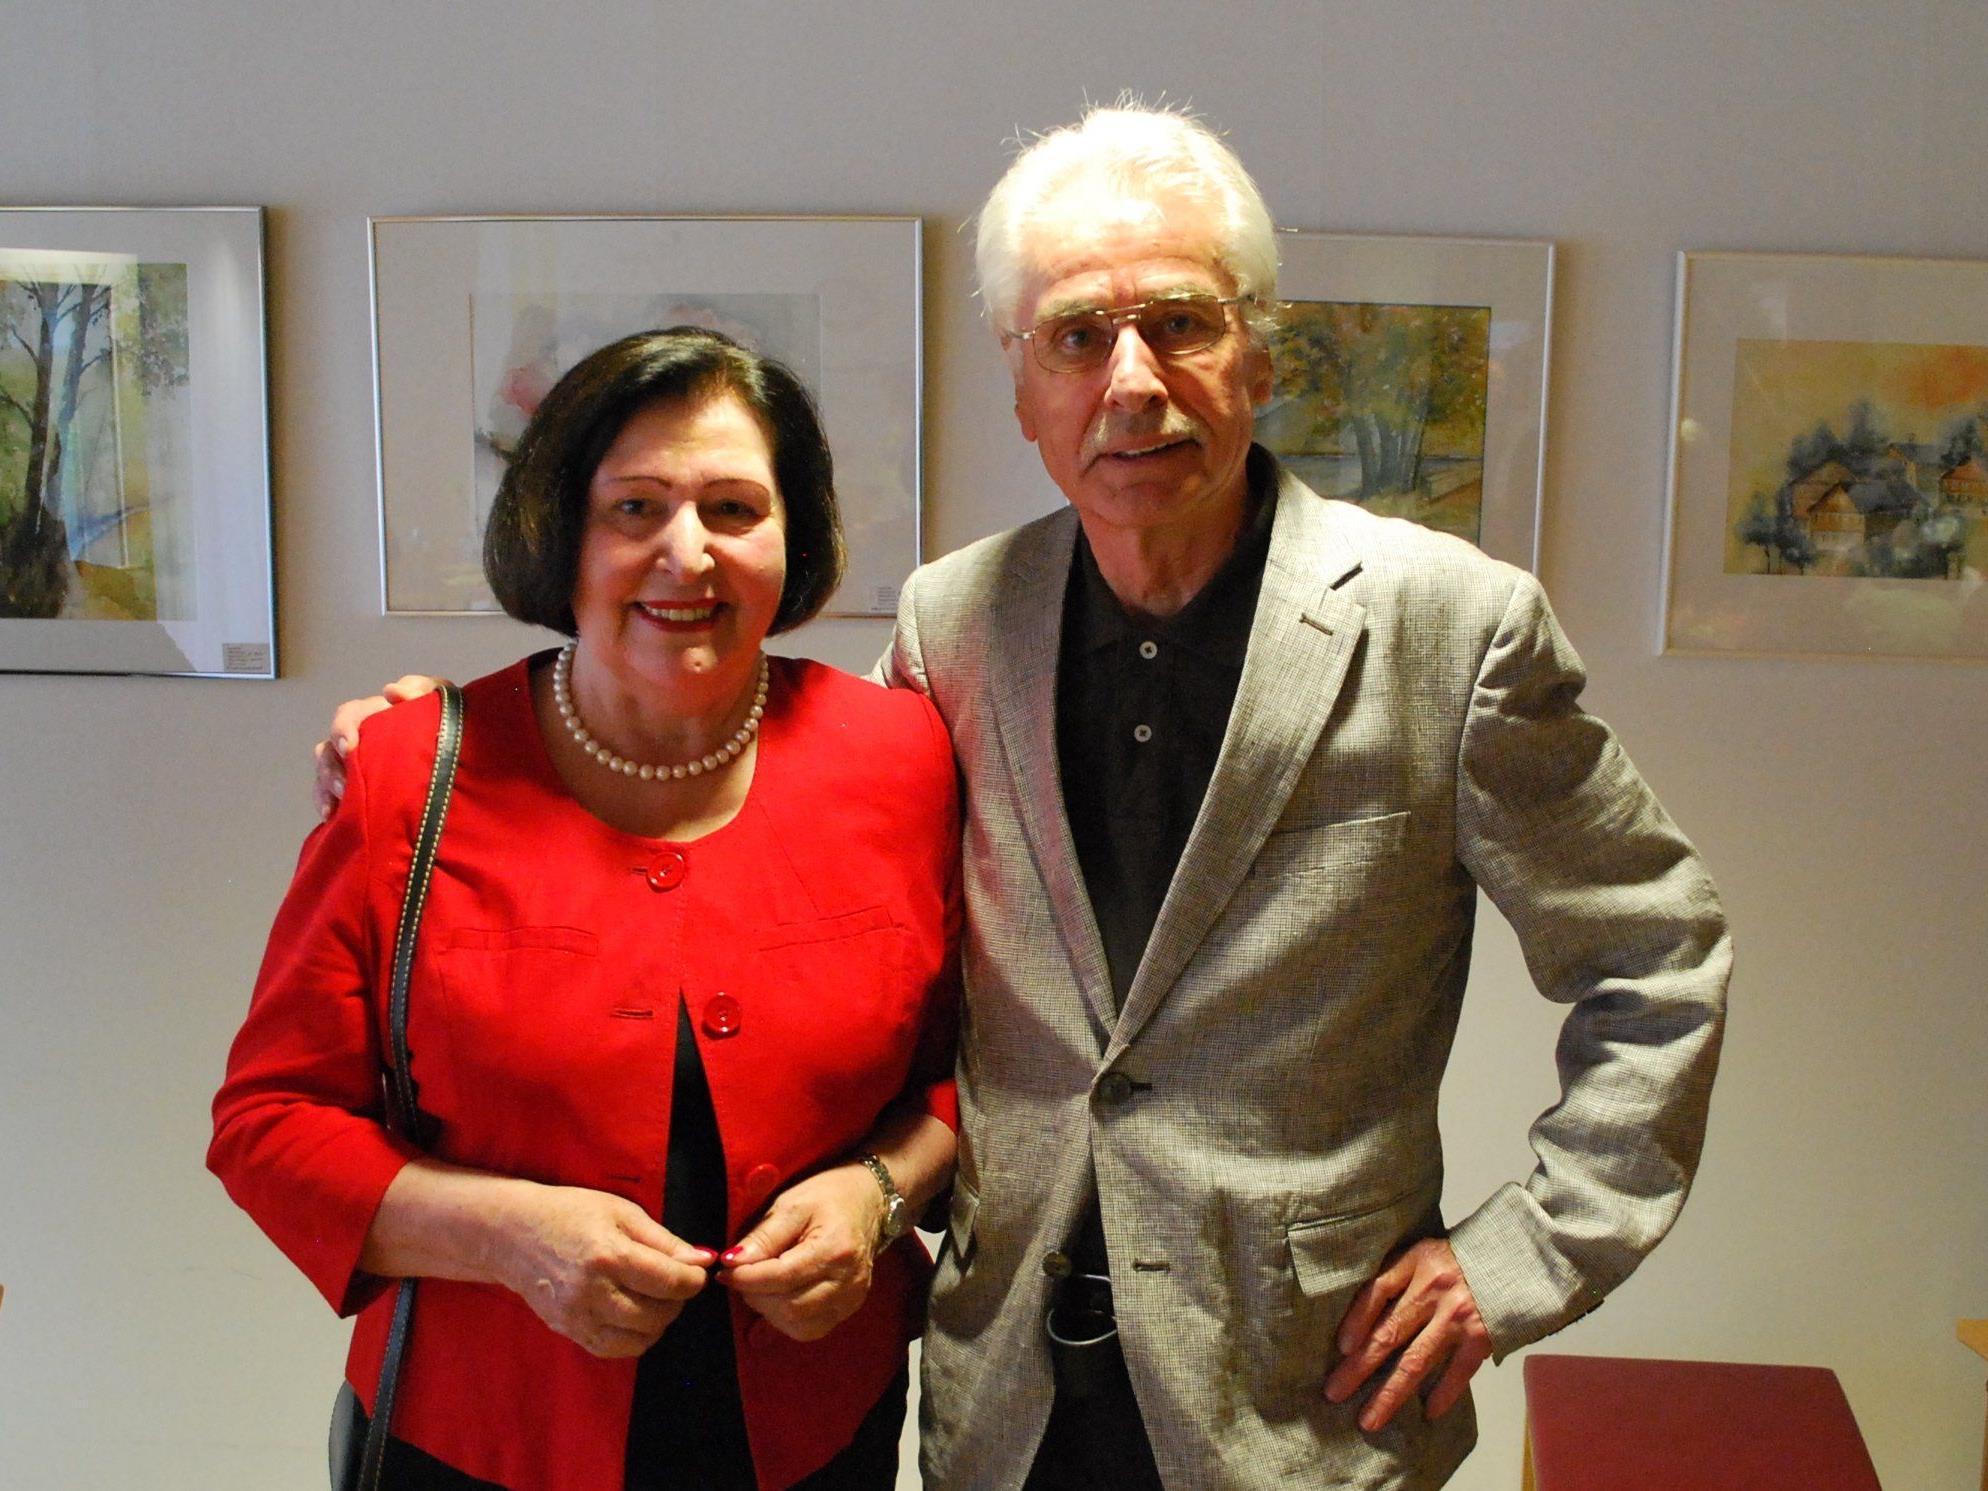 Auch Inge und Heinz Hirner kamen zur Ausstellungseröffnung ins Städtische Seniorenhaus Birkenwiese.